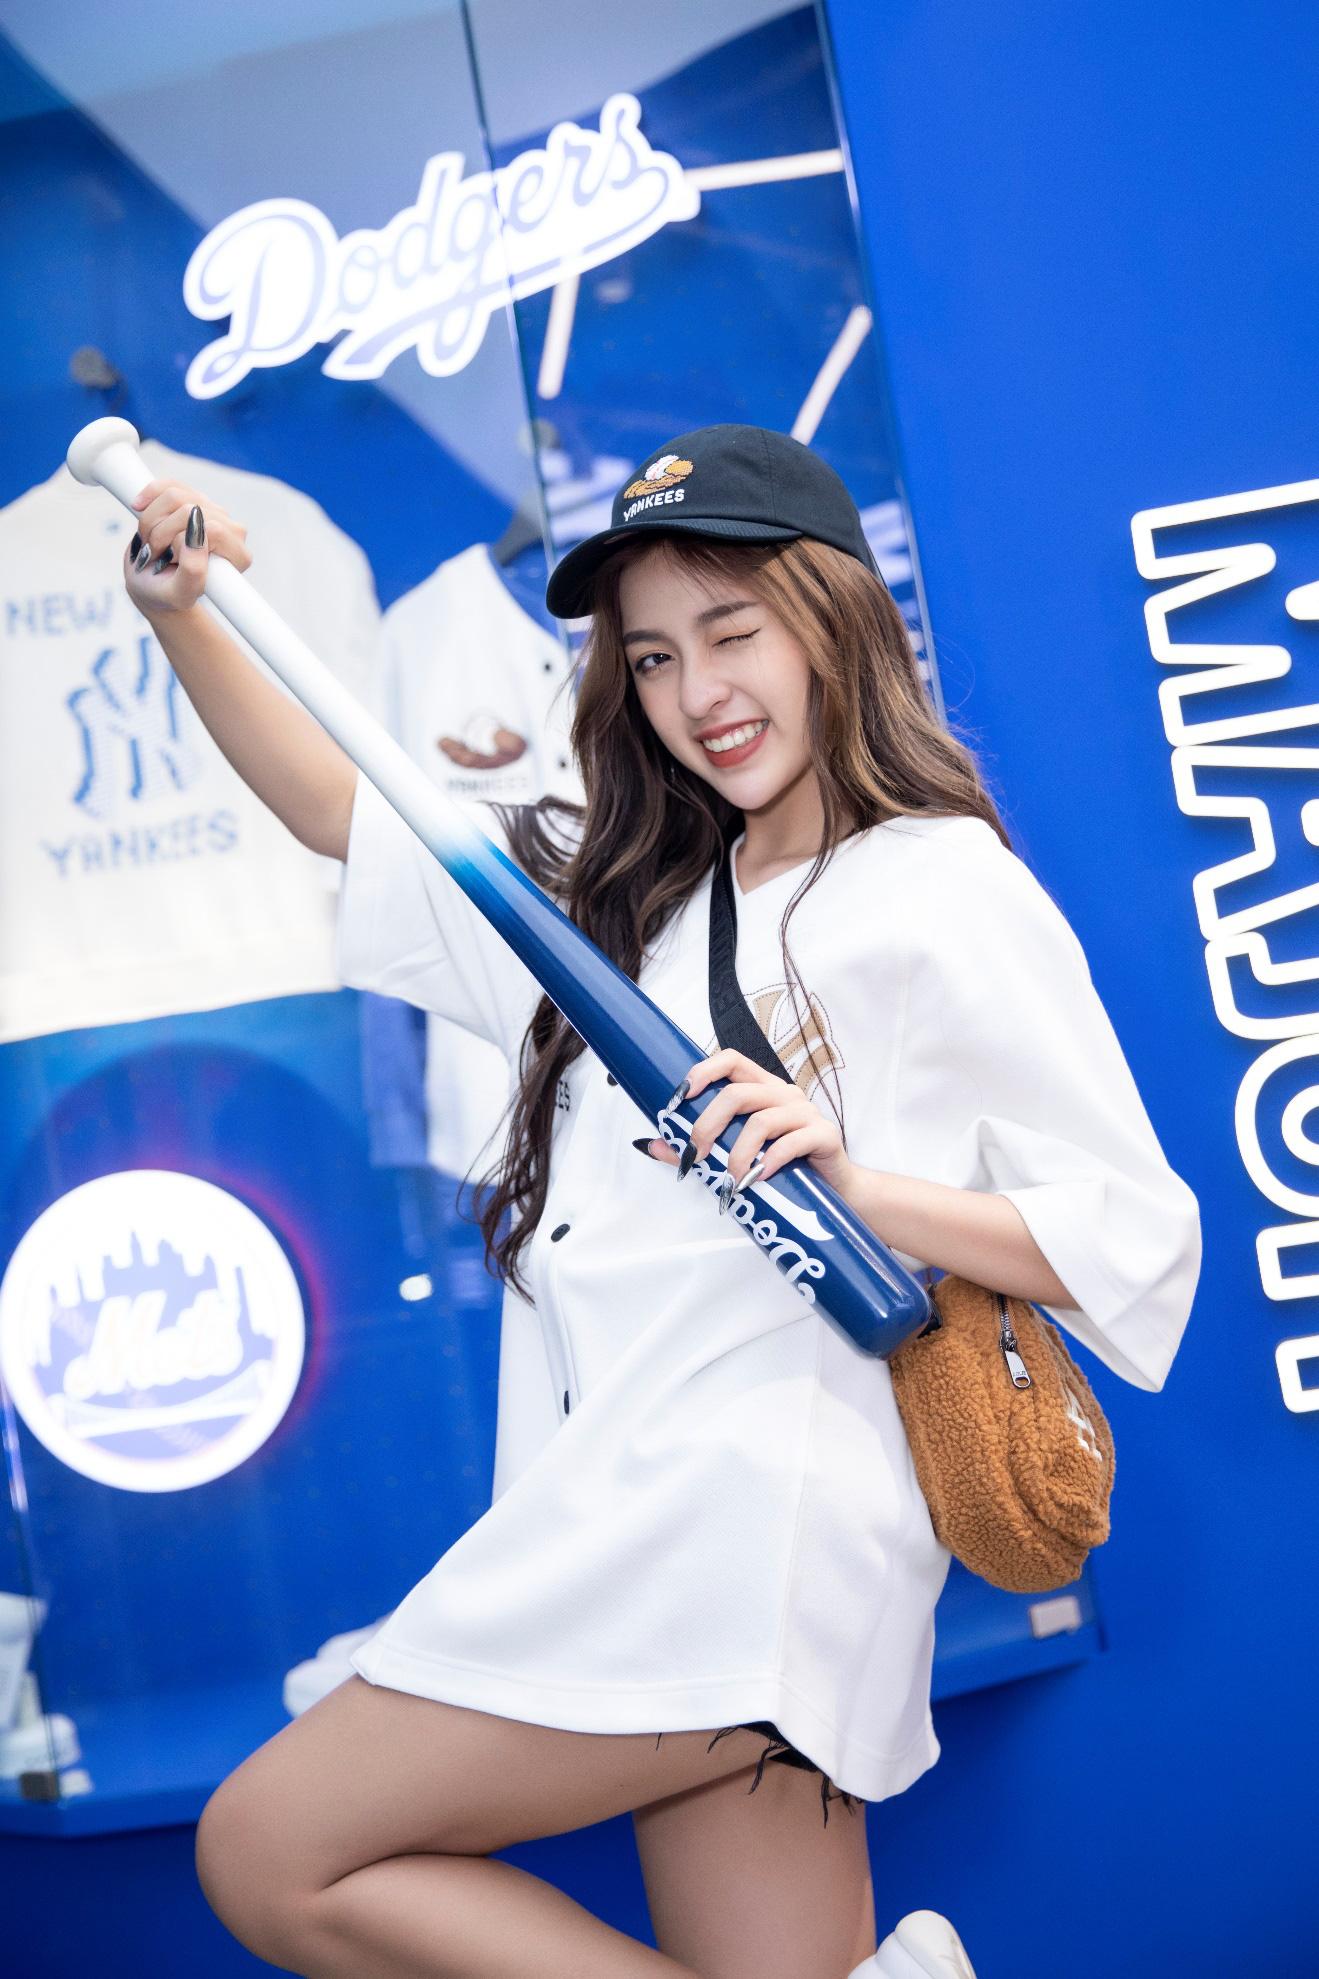 MLB khai trương cửa hàng đầu tiên tại Vũng Tàu cực hot, cả Hoàng Duyên, Lê Bống, Thanh Tâm đều xuất hiện - Ảnh 4.